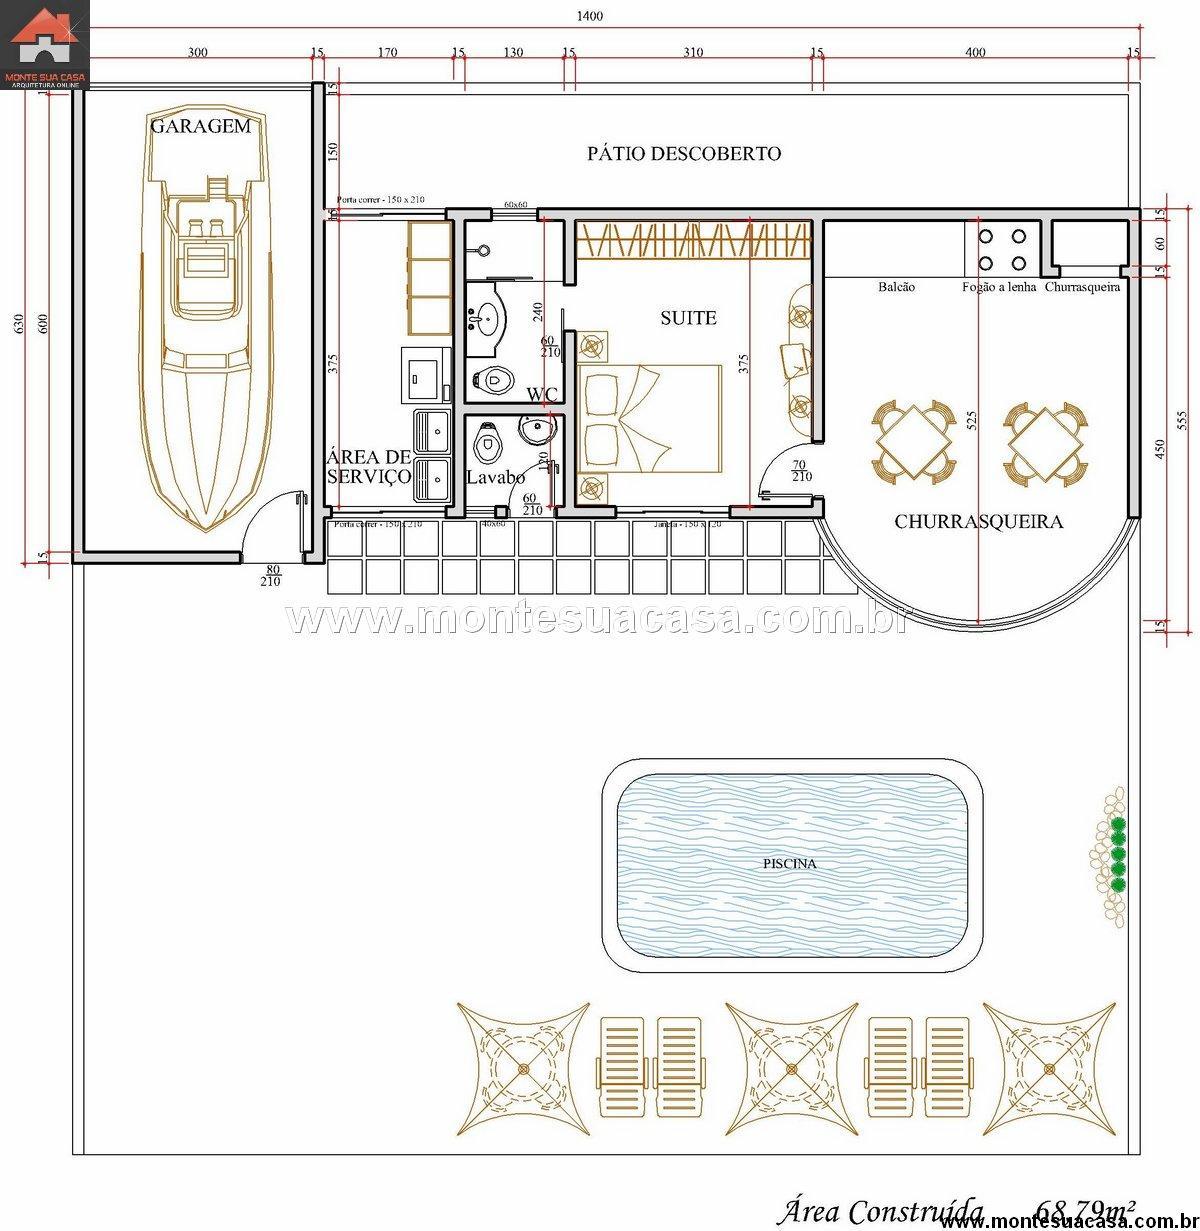 Casa 0 Quartos - 68.79m²